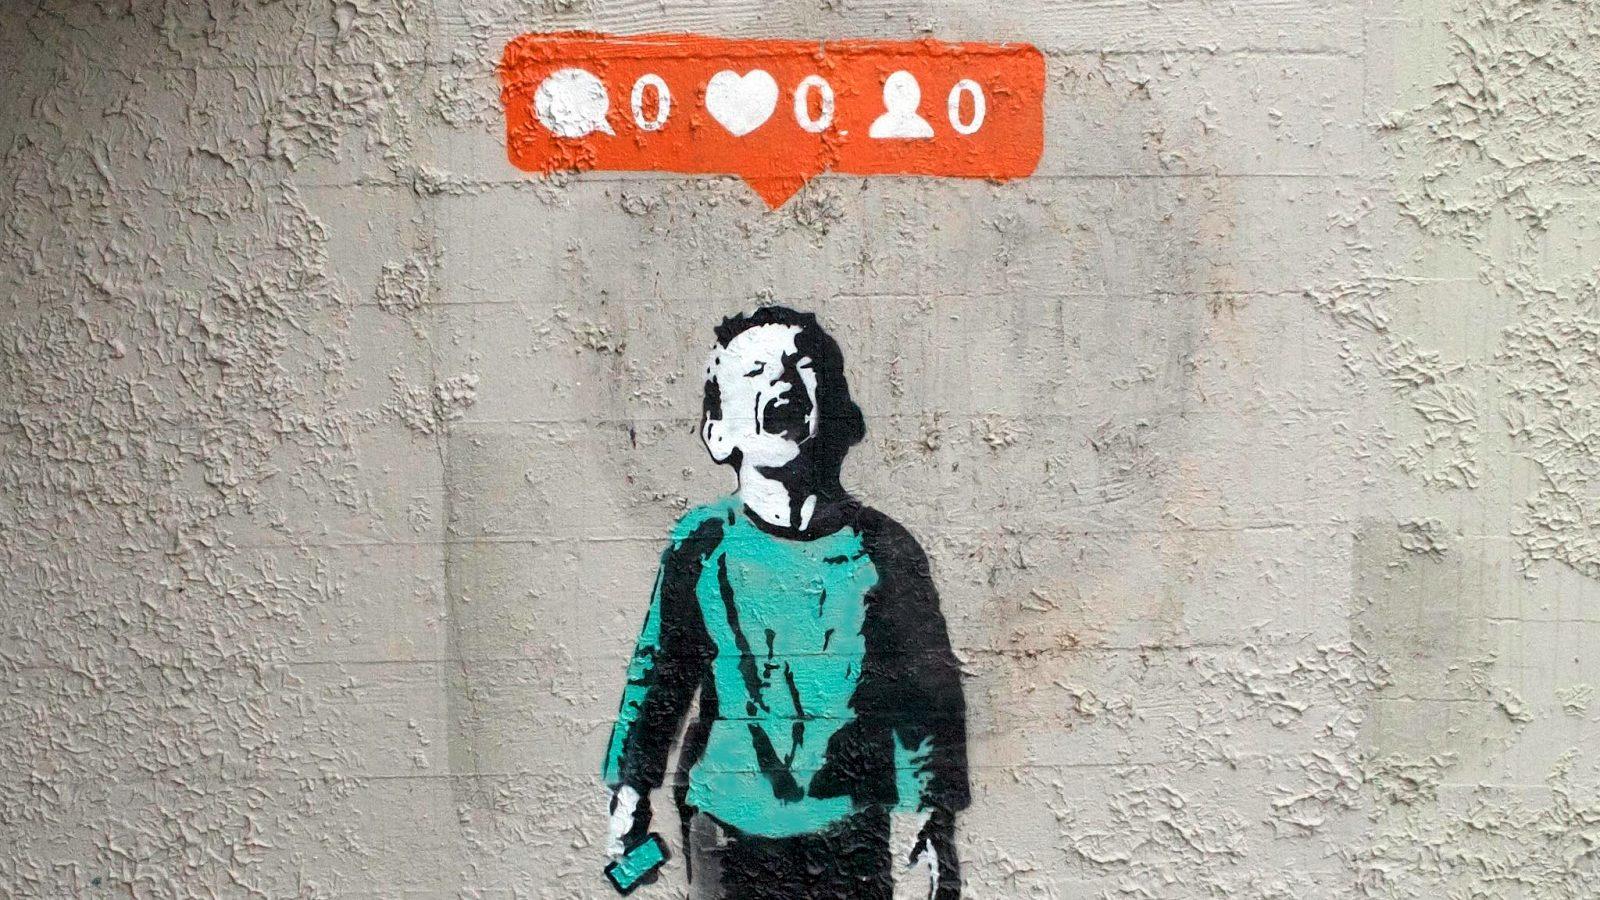 Réseaux sociaux : l'État doit protéger les enfants – Gaspard Koenig